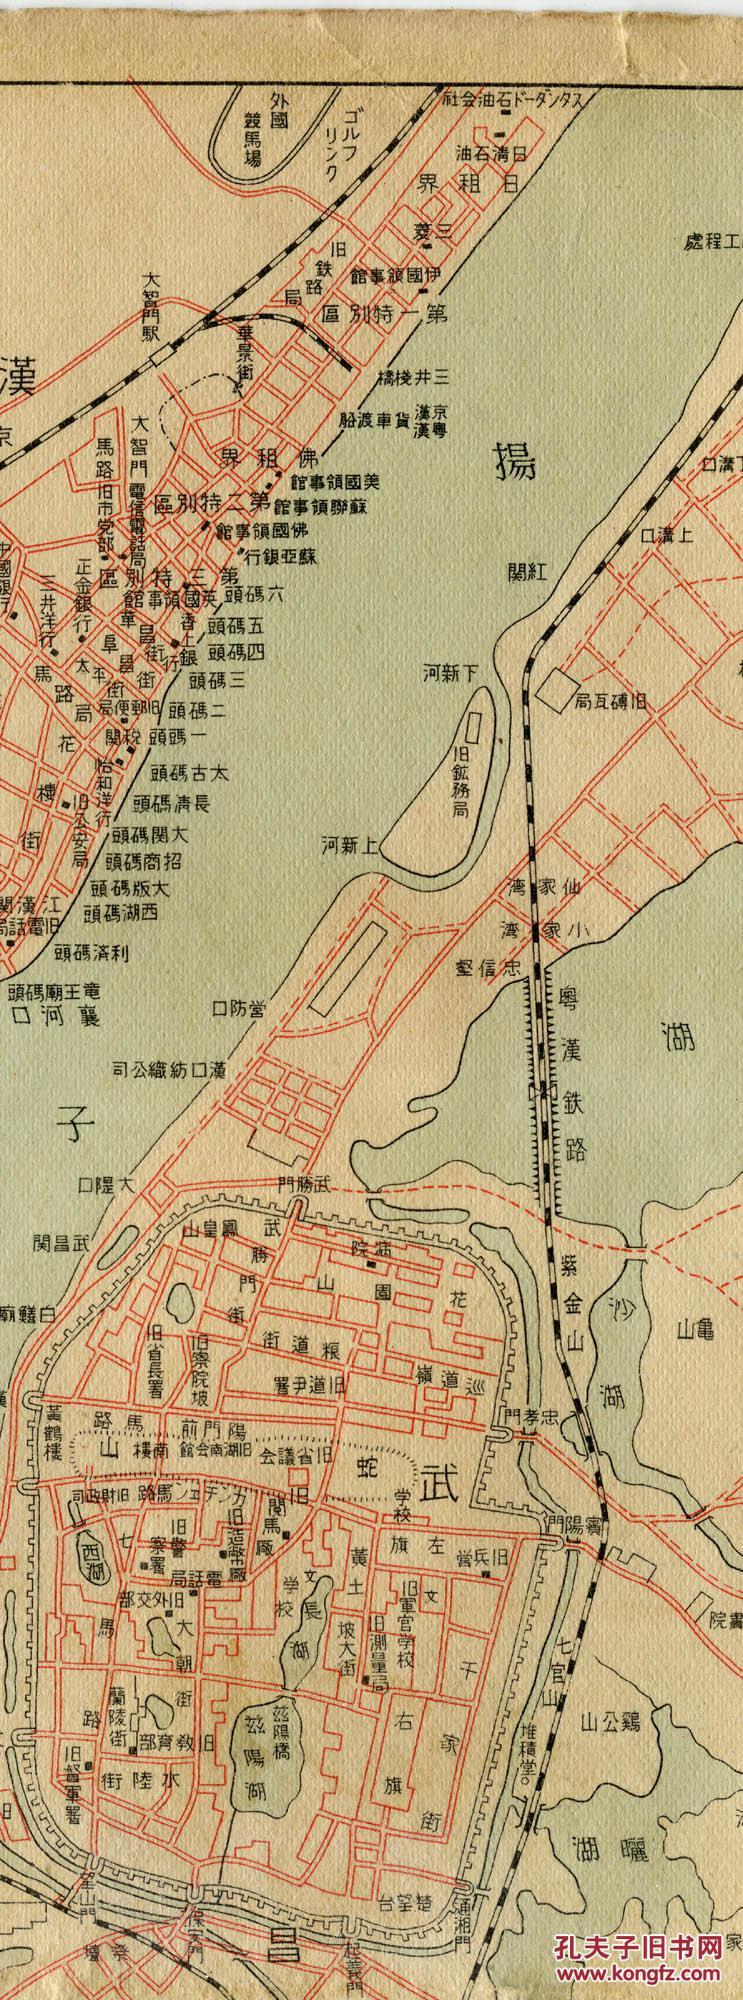 美品 民国 武汉三镇鸟瞰地图 通长70cm宽15cm 印刷精细 逼真震撼 存世图片